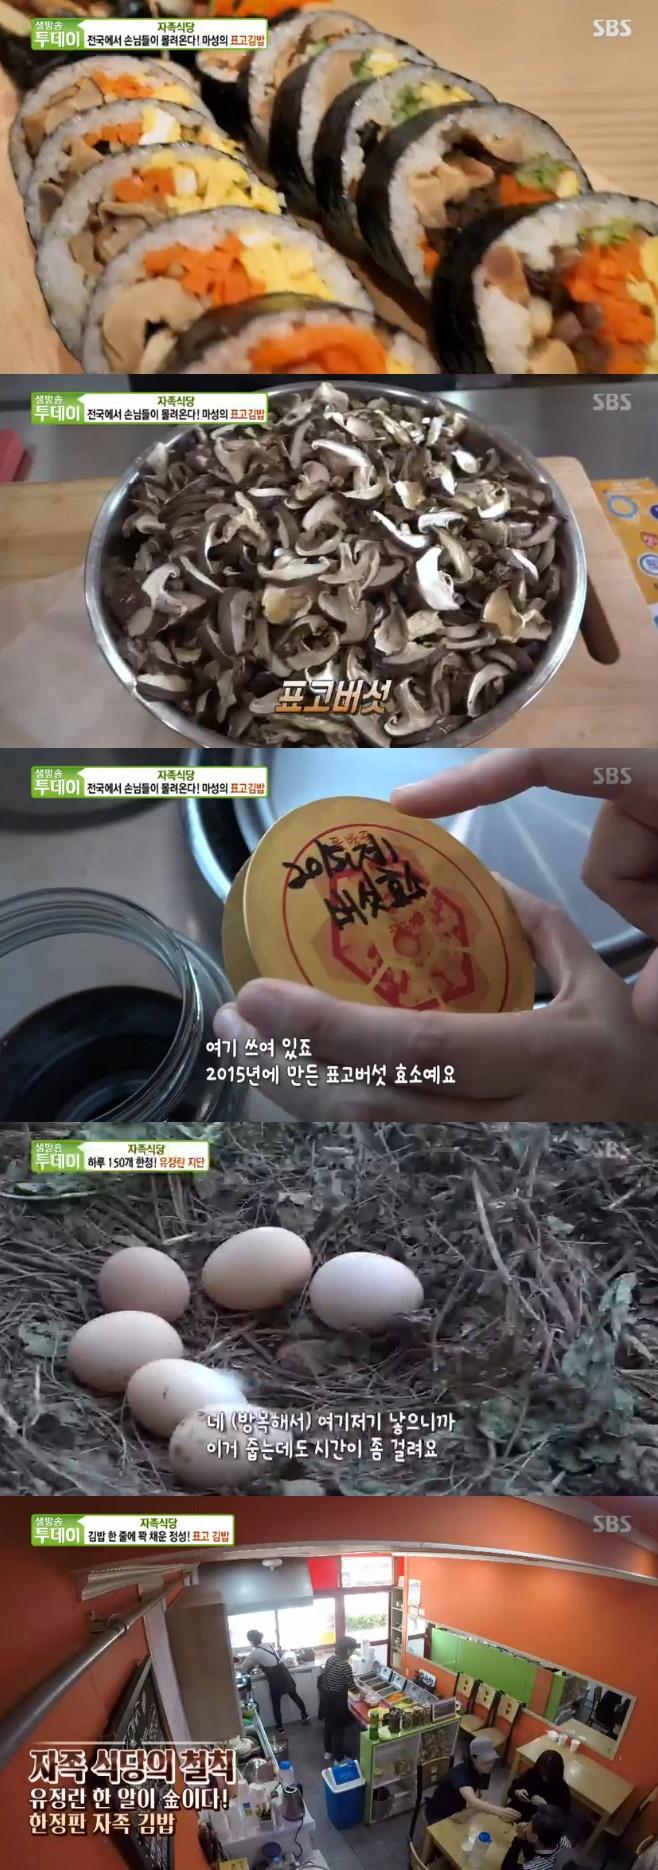 생방송 투데이-자족식당, 표고김밥